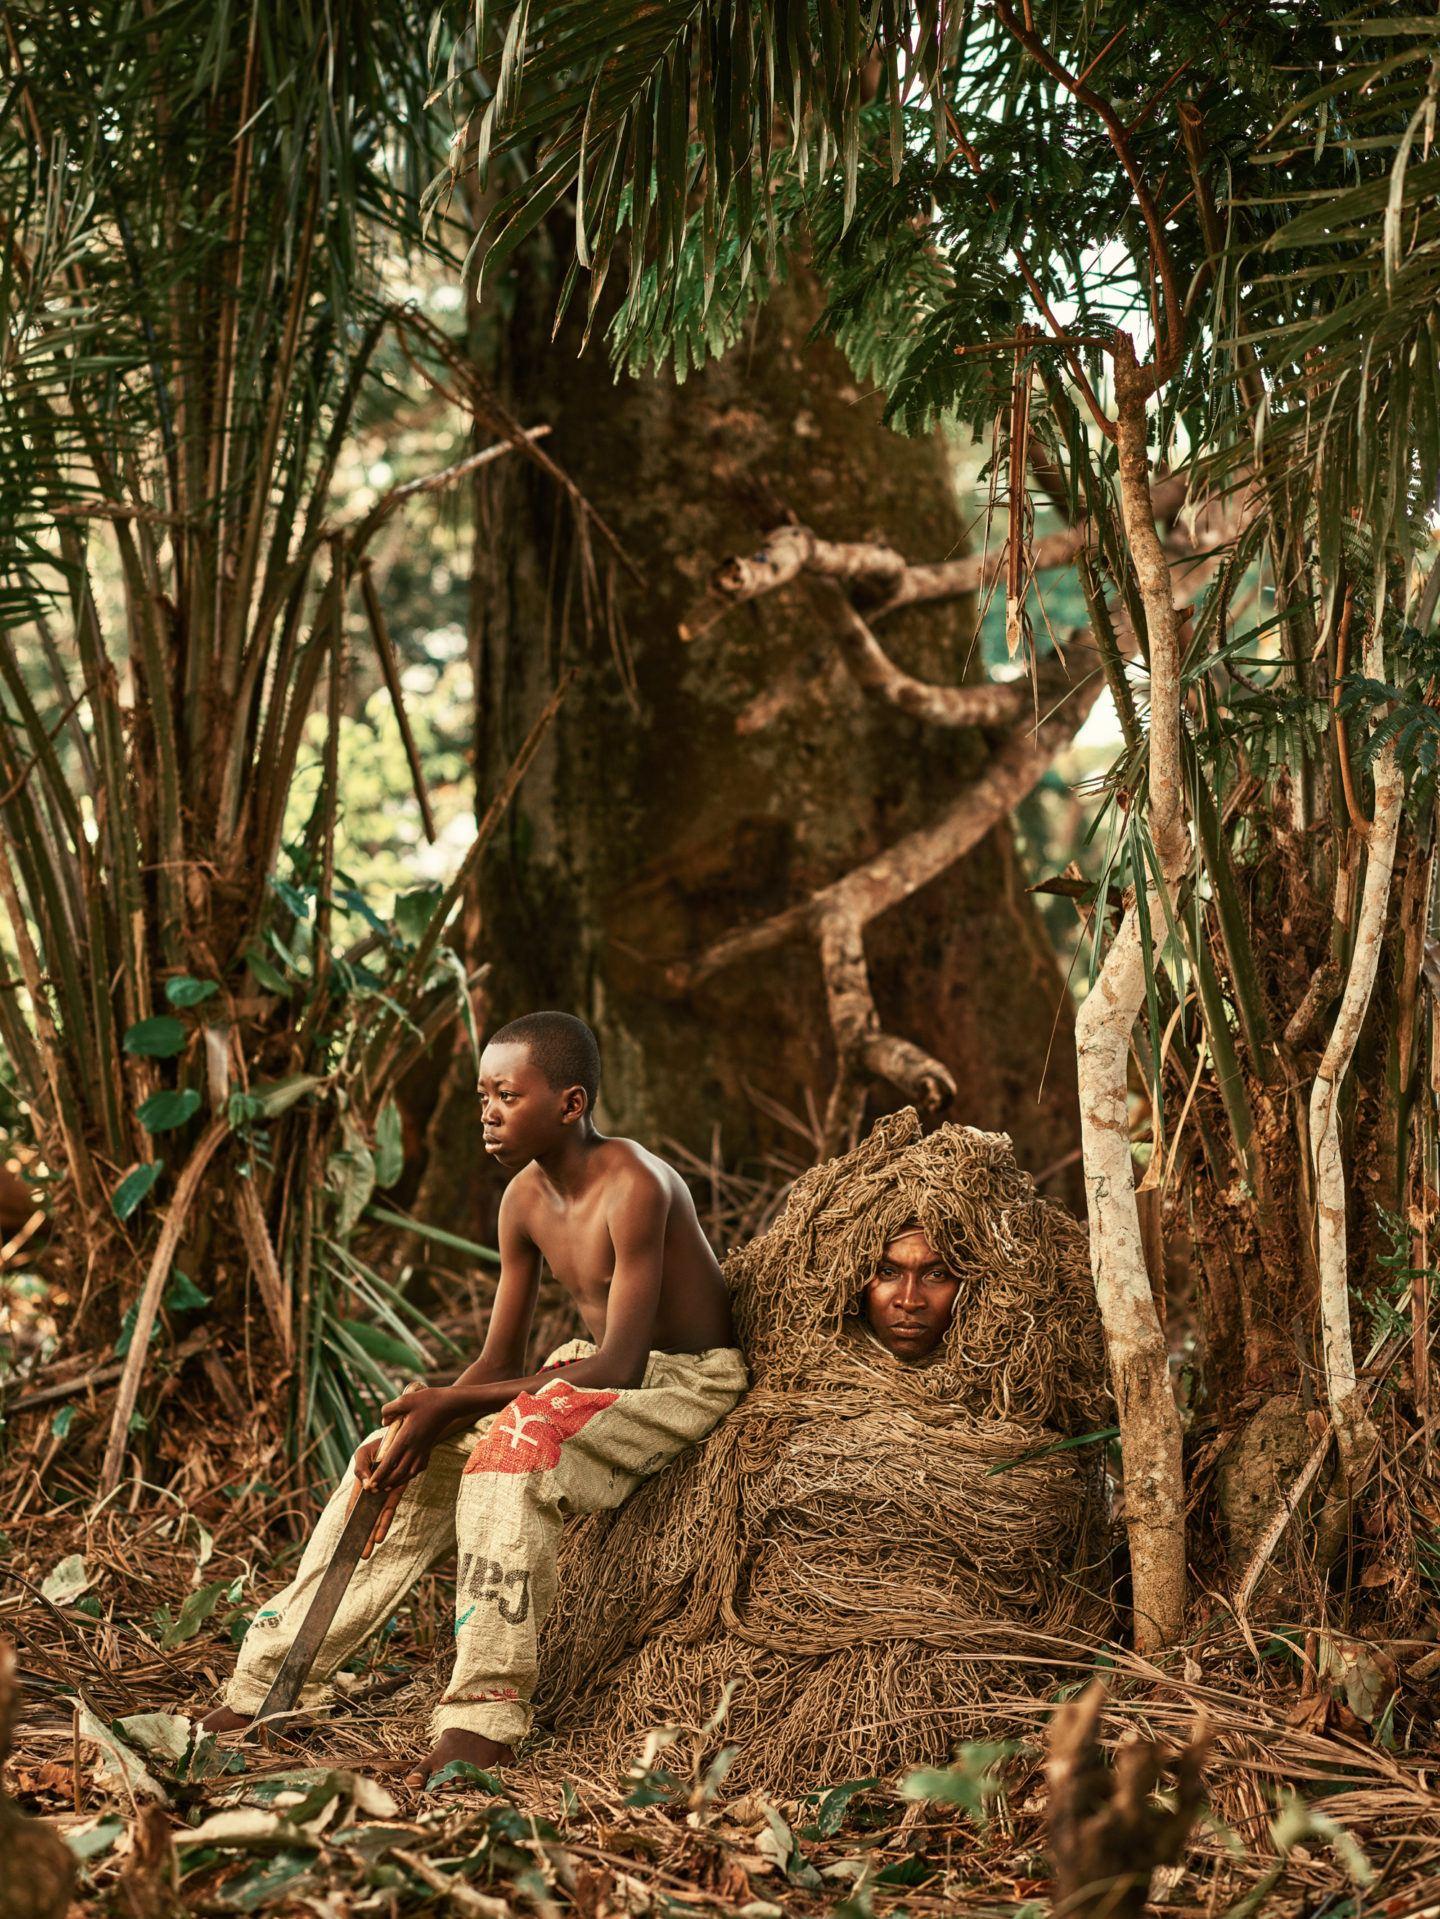 IGNANT-Print-Pieter-Henket-Congo-Tales-32